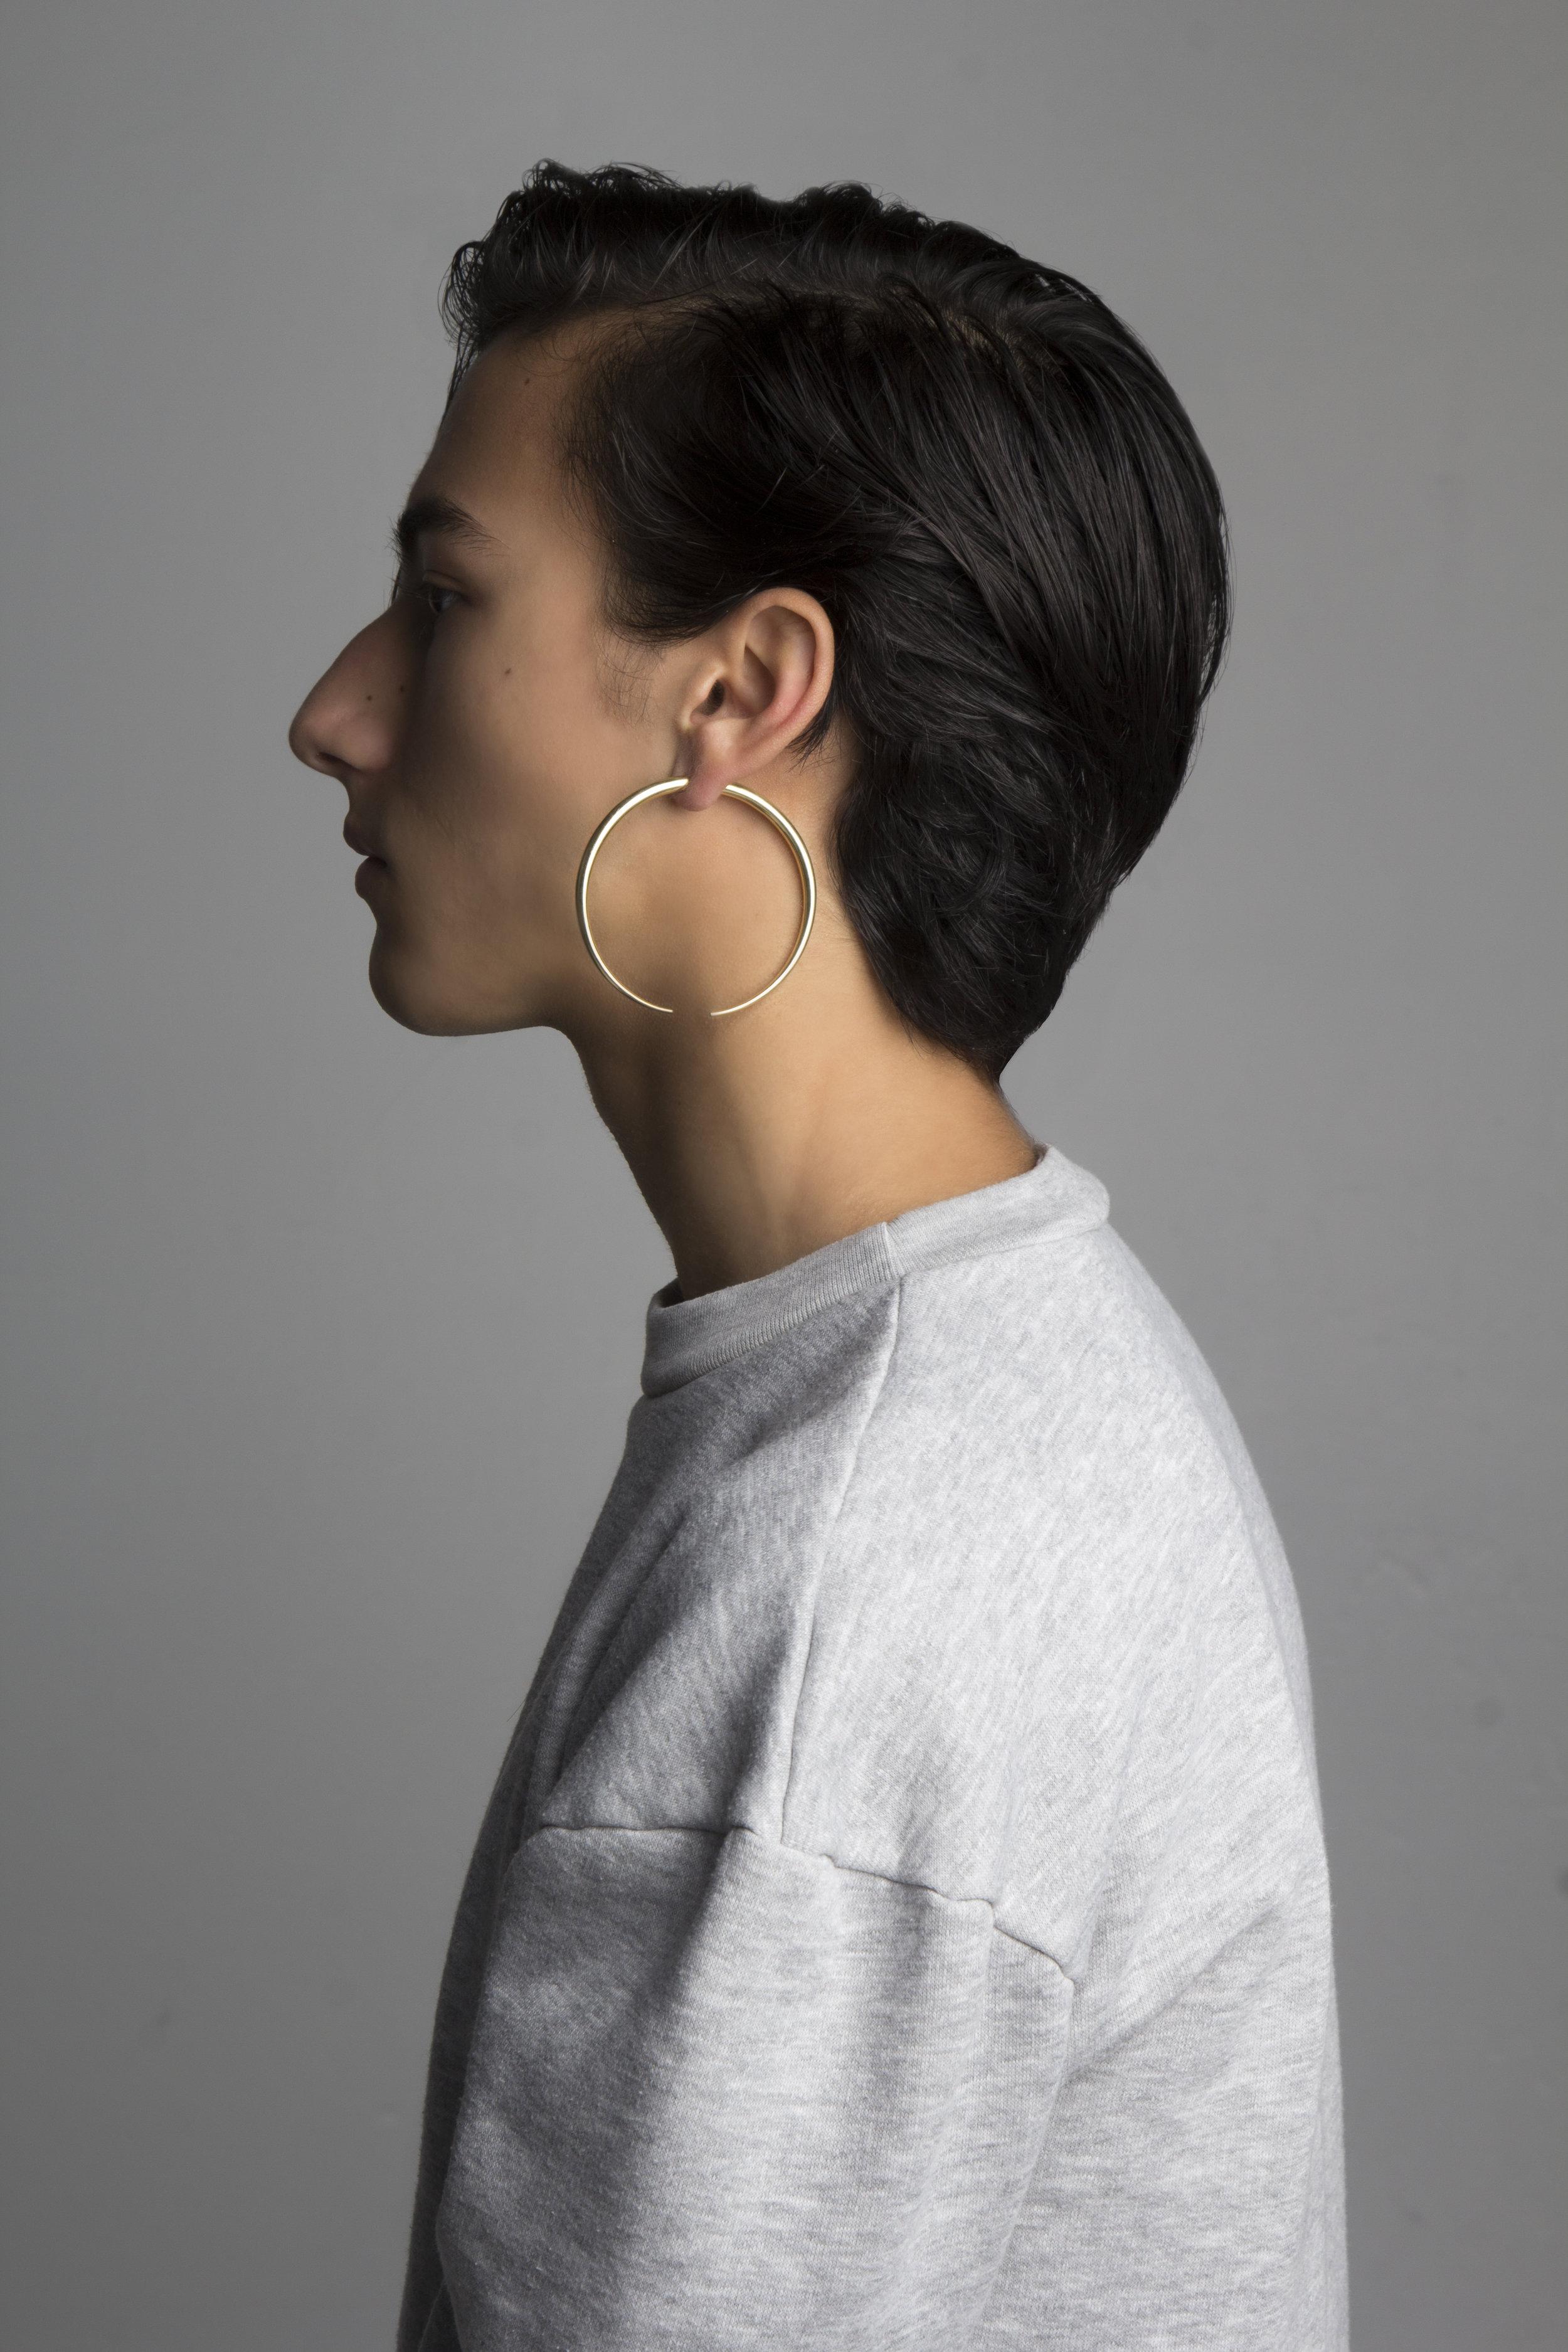 Jojo Ross Sculpted Sweatshirt  With  Meadowlark  earring